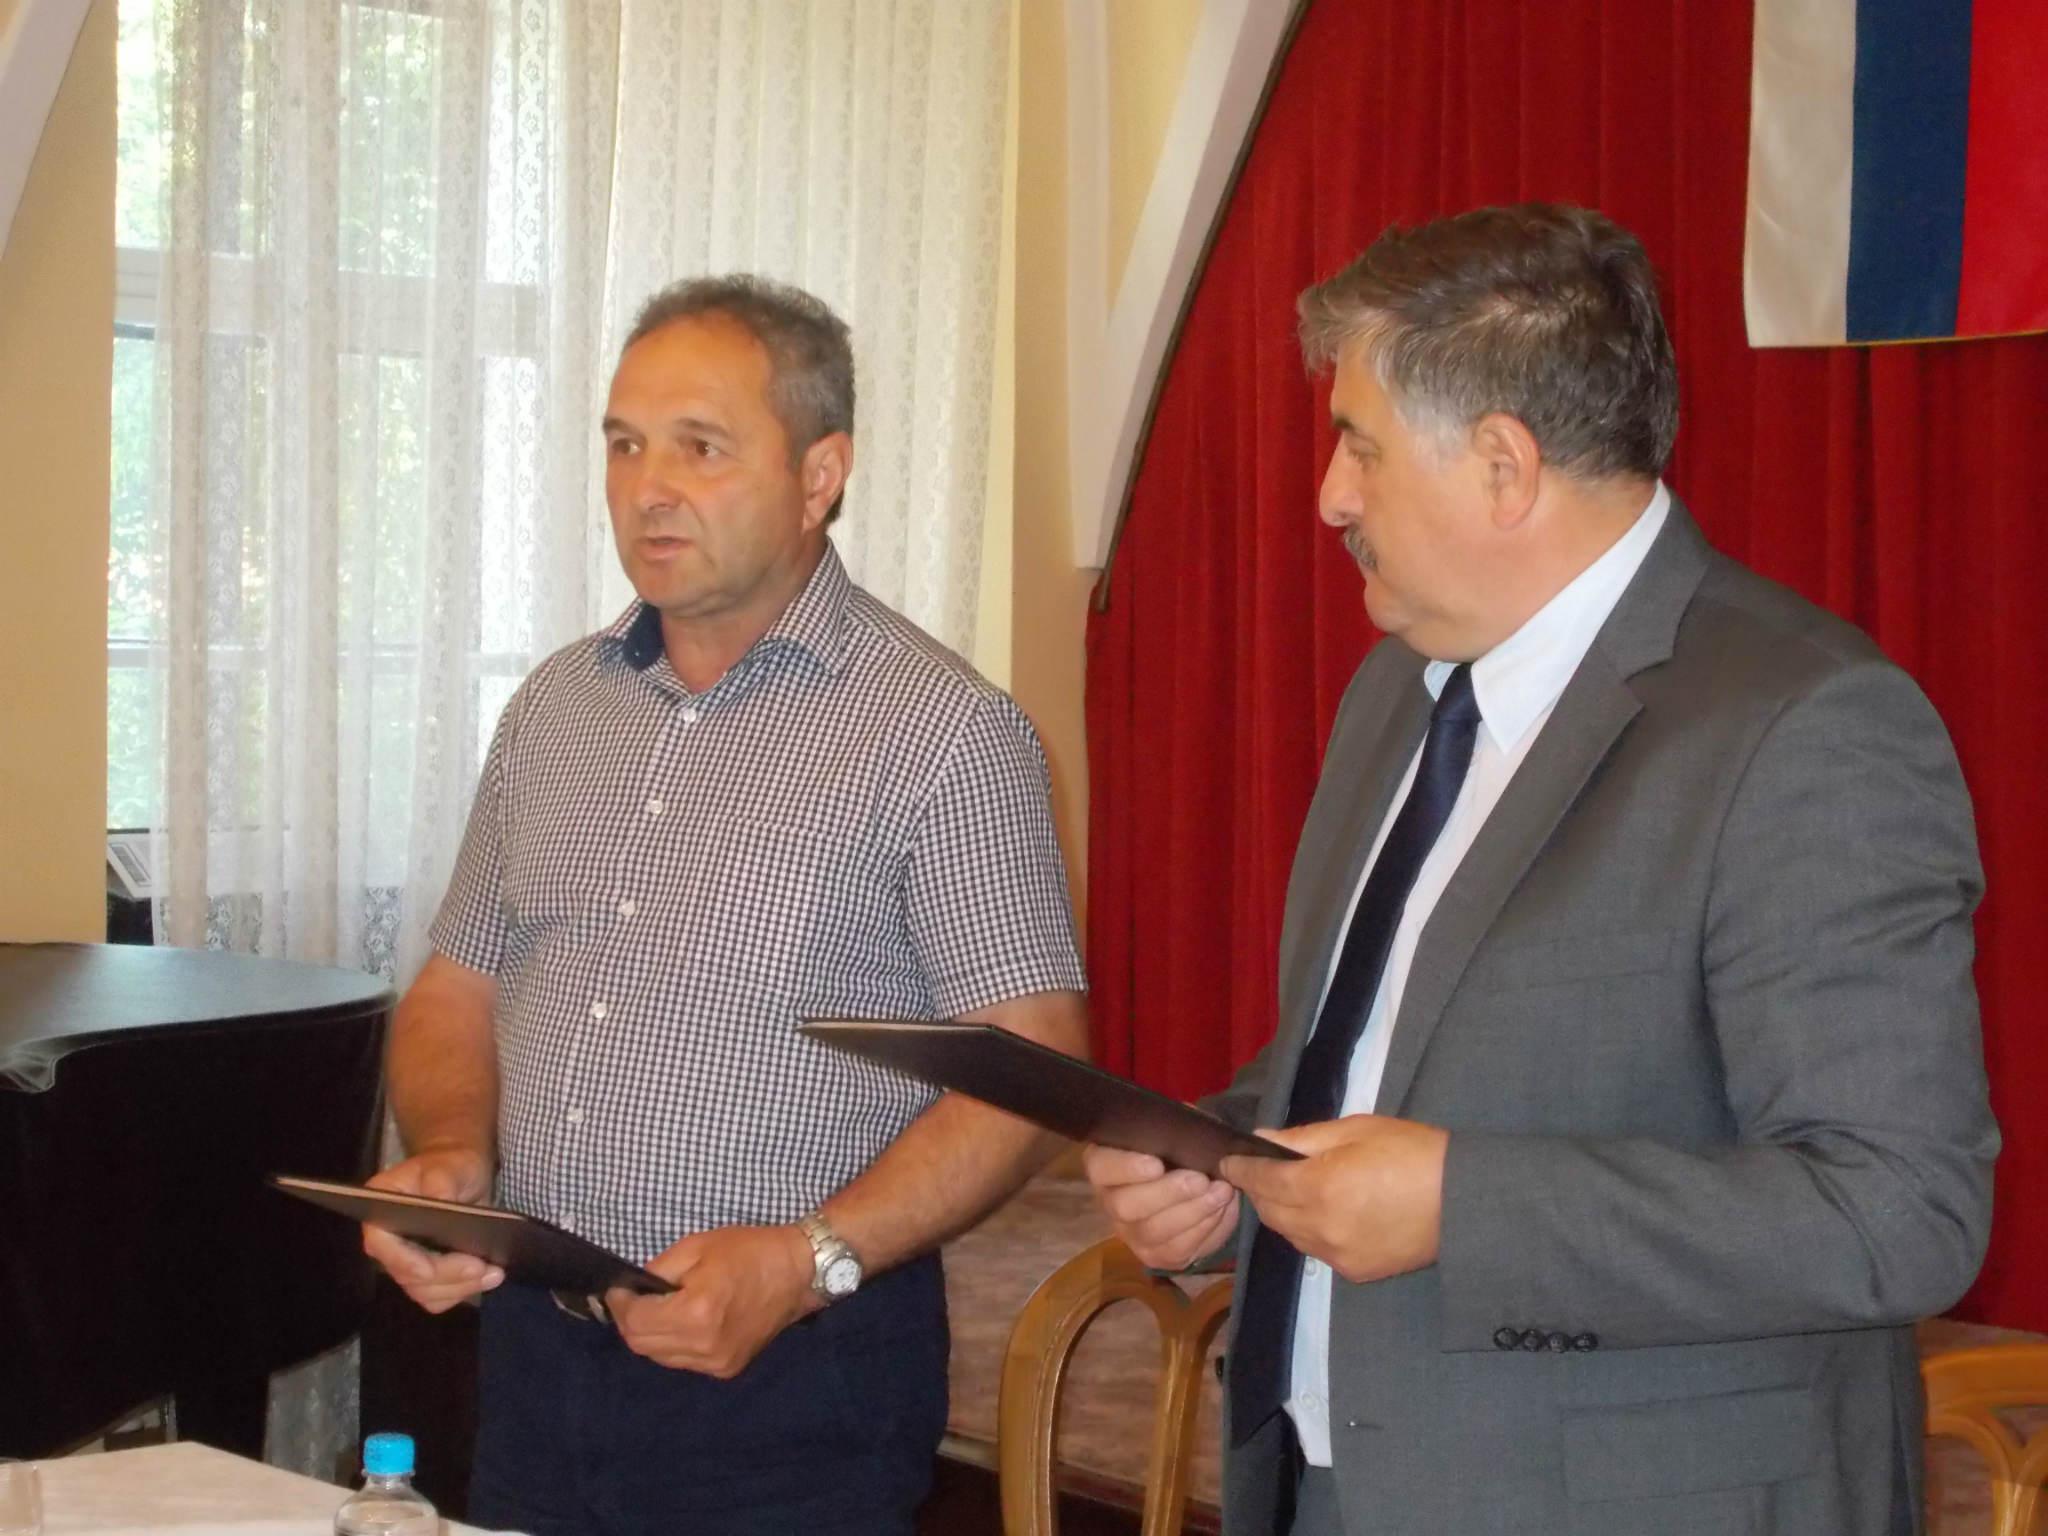 Občini Ormož in Irig (Srbija) danes podpisali PISMO o sodelovanju